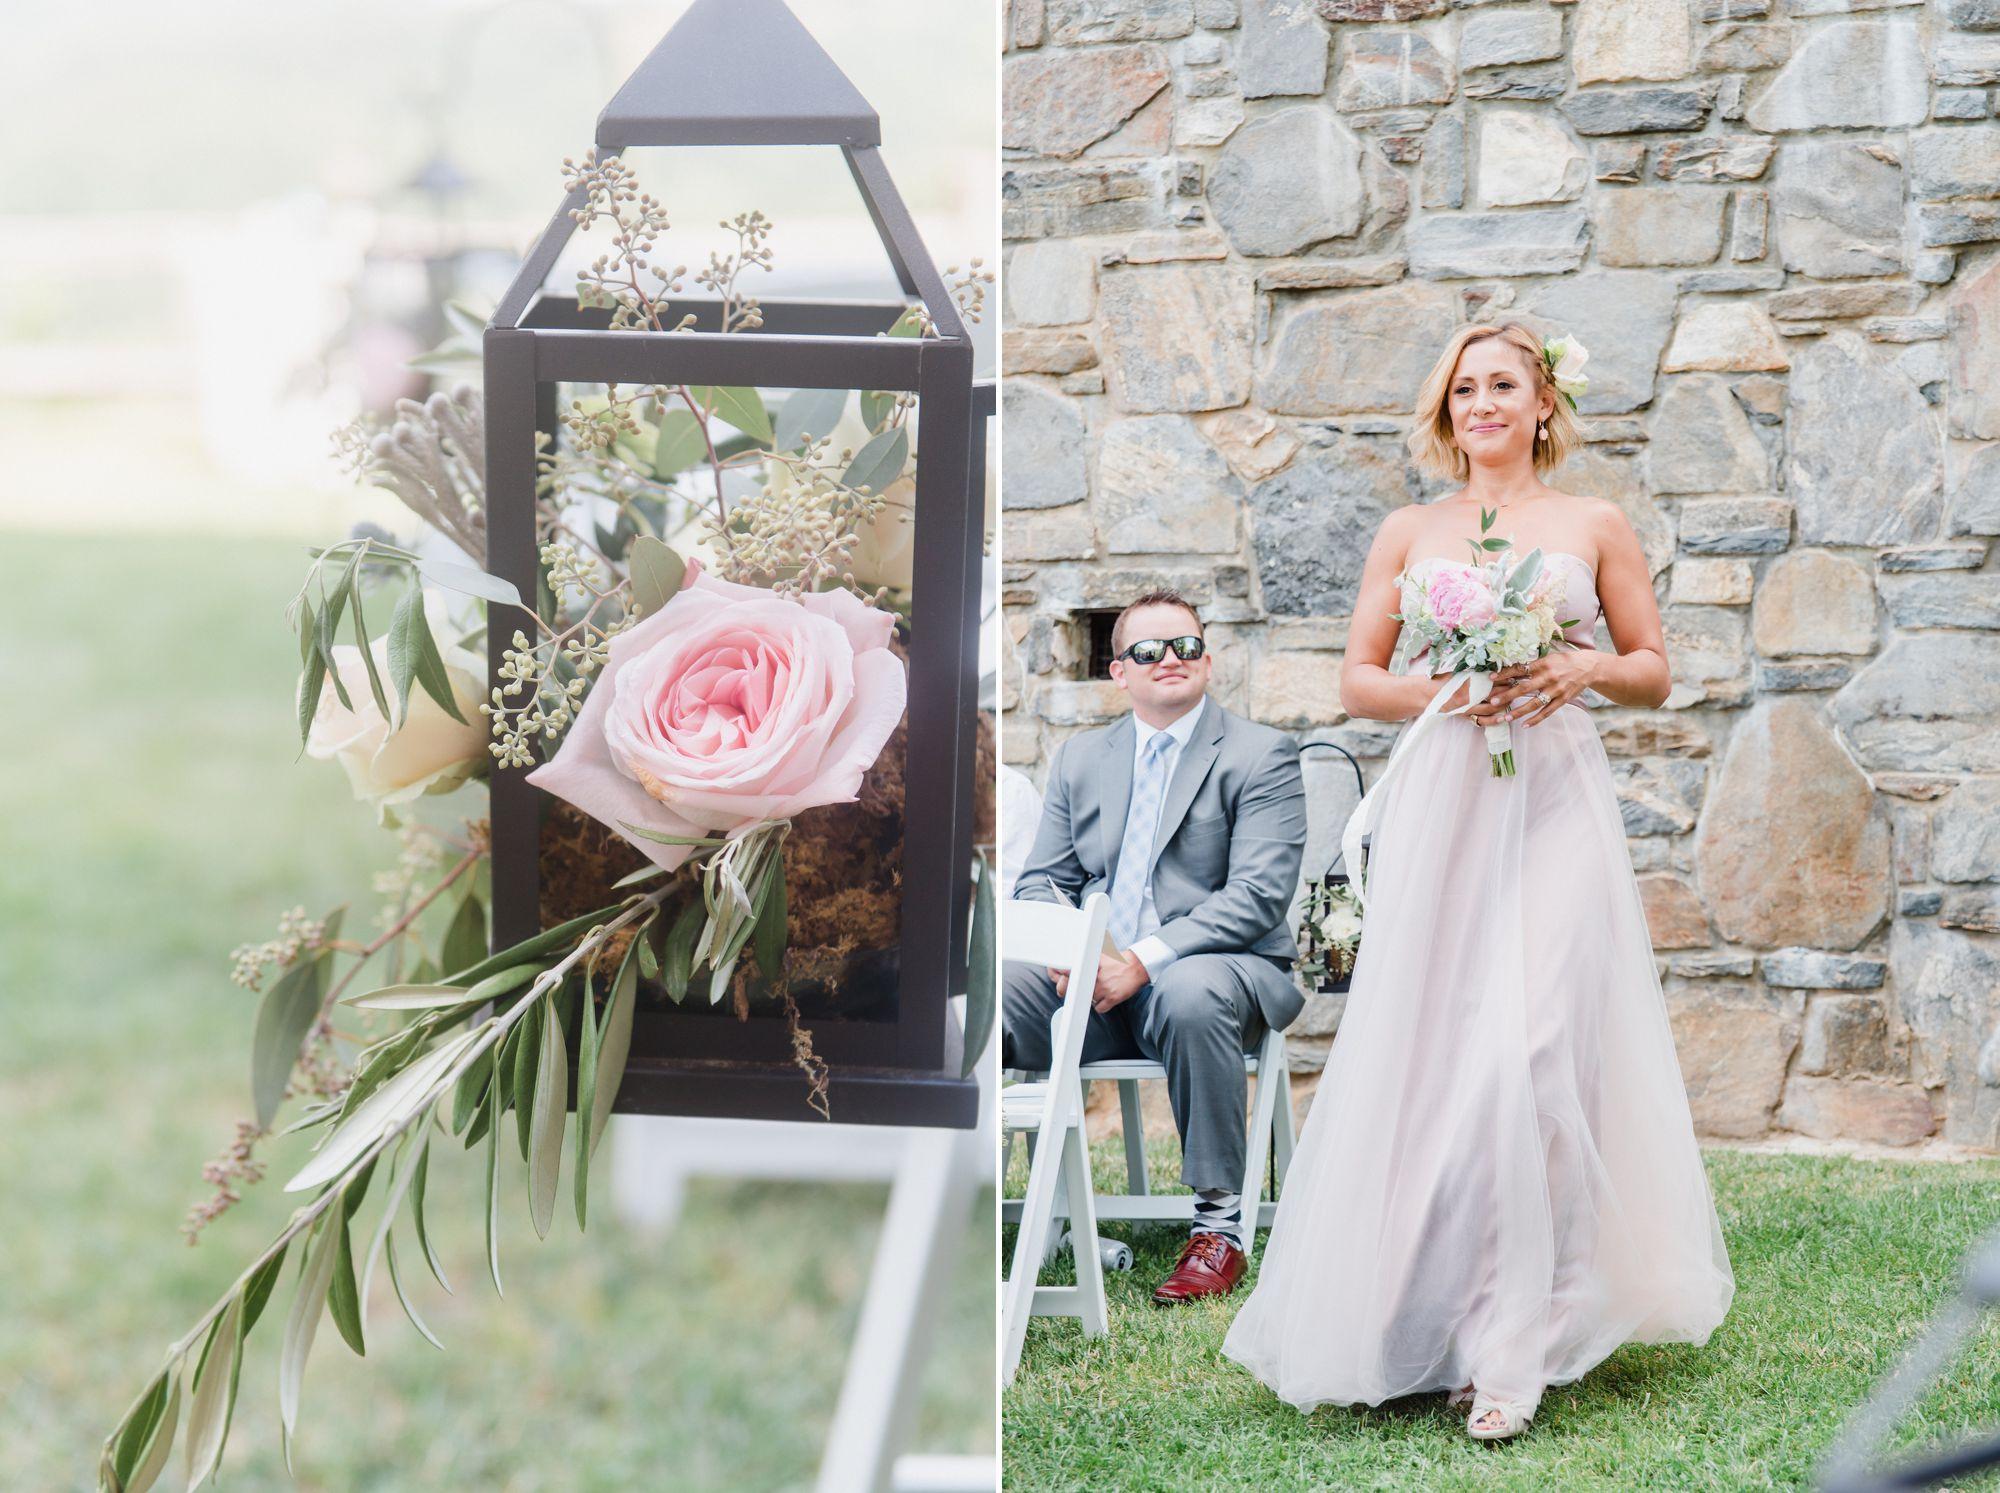 castle-ladyhawke-destination-wedding 28